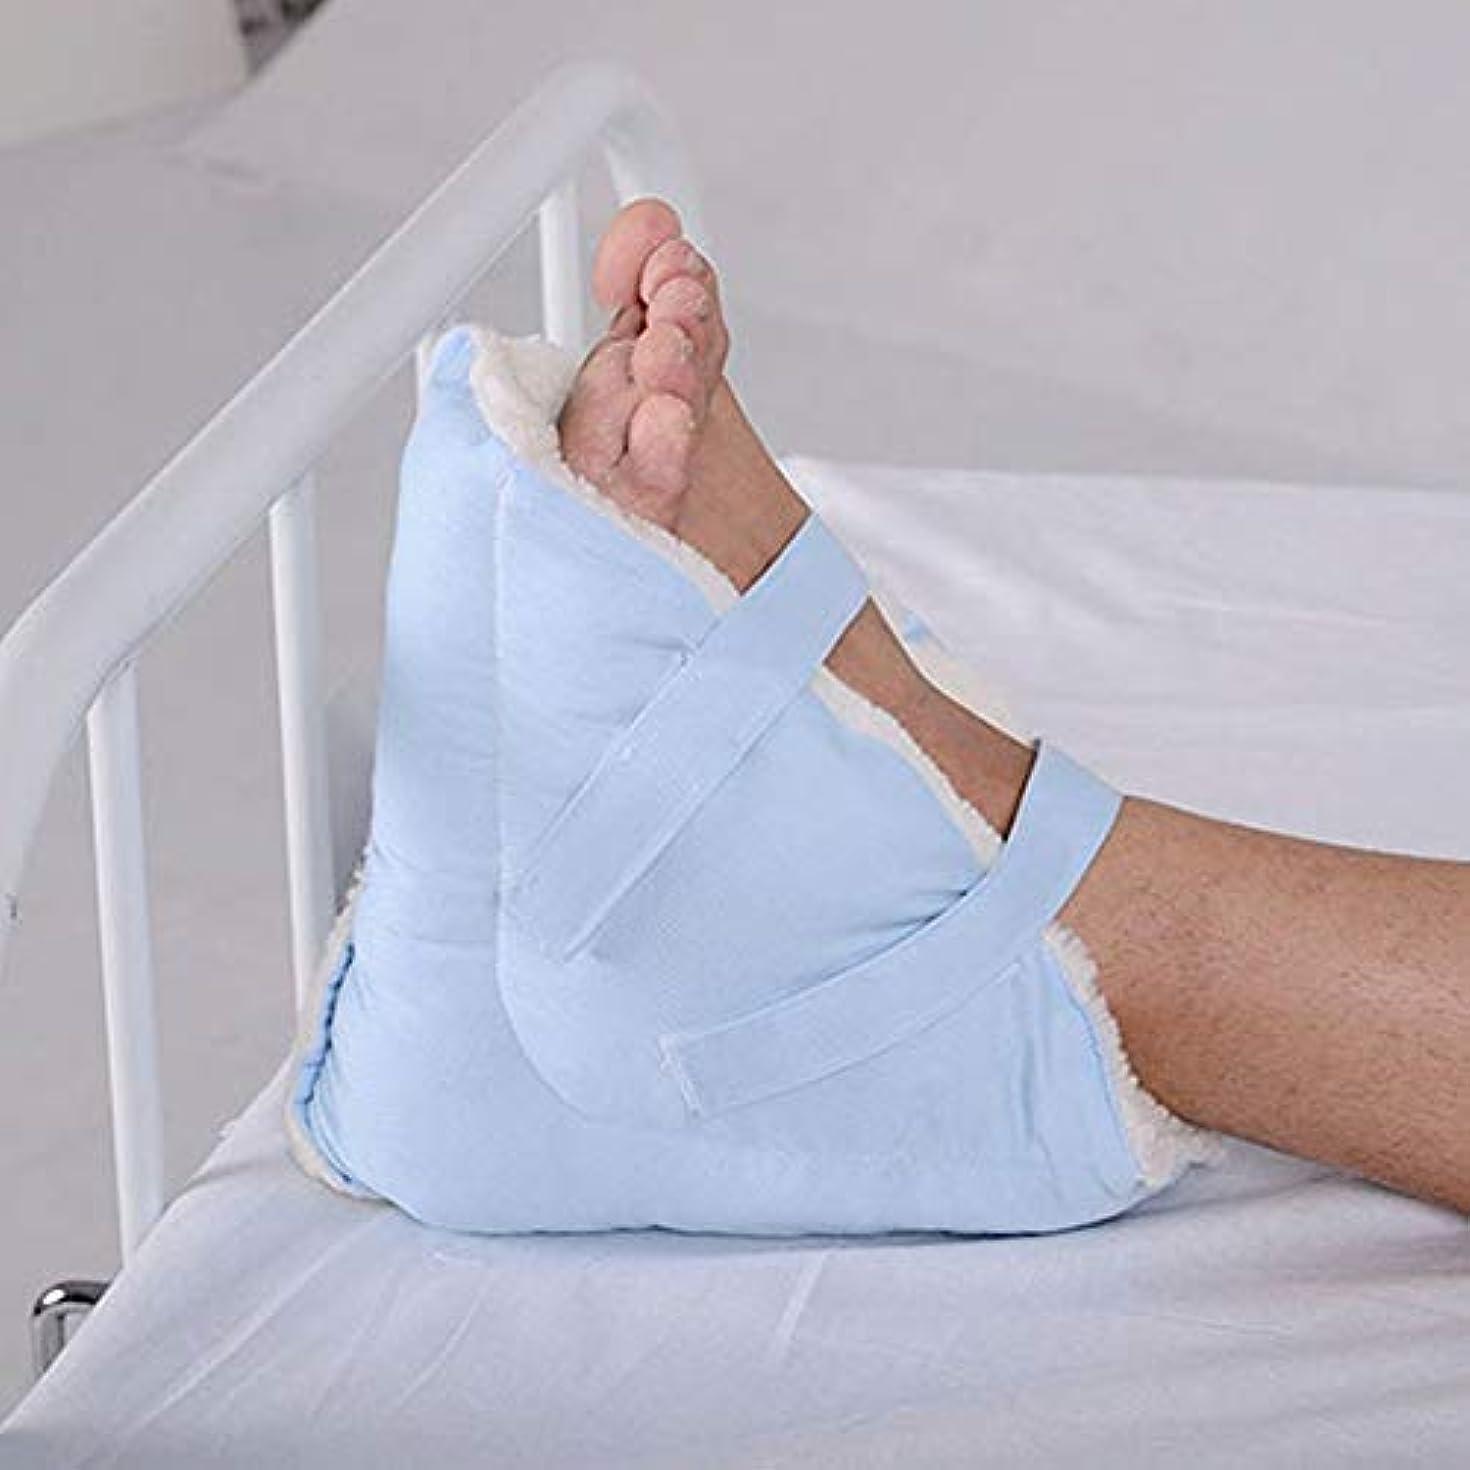 泥棒ロビー置き場医療用ヒールクッションプロテクター - 足と足首の枕ガード1組   - 合成 ラムスウールフリースパッド入り - 圧力開放